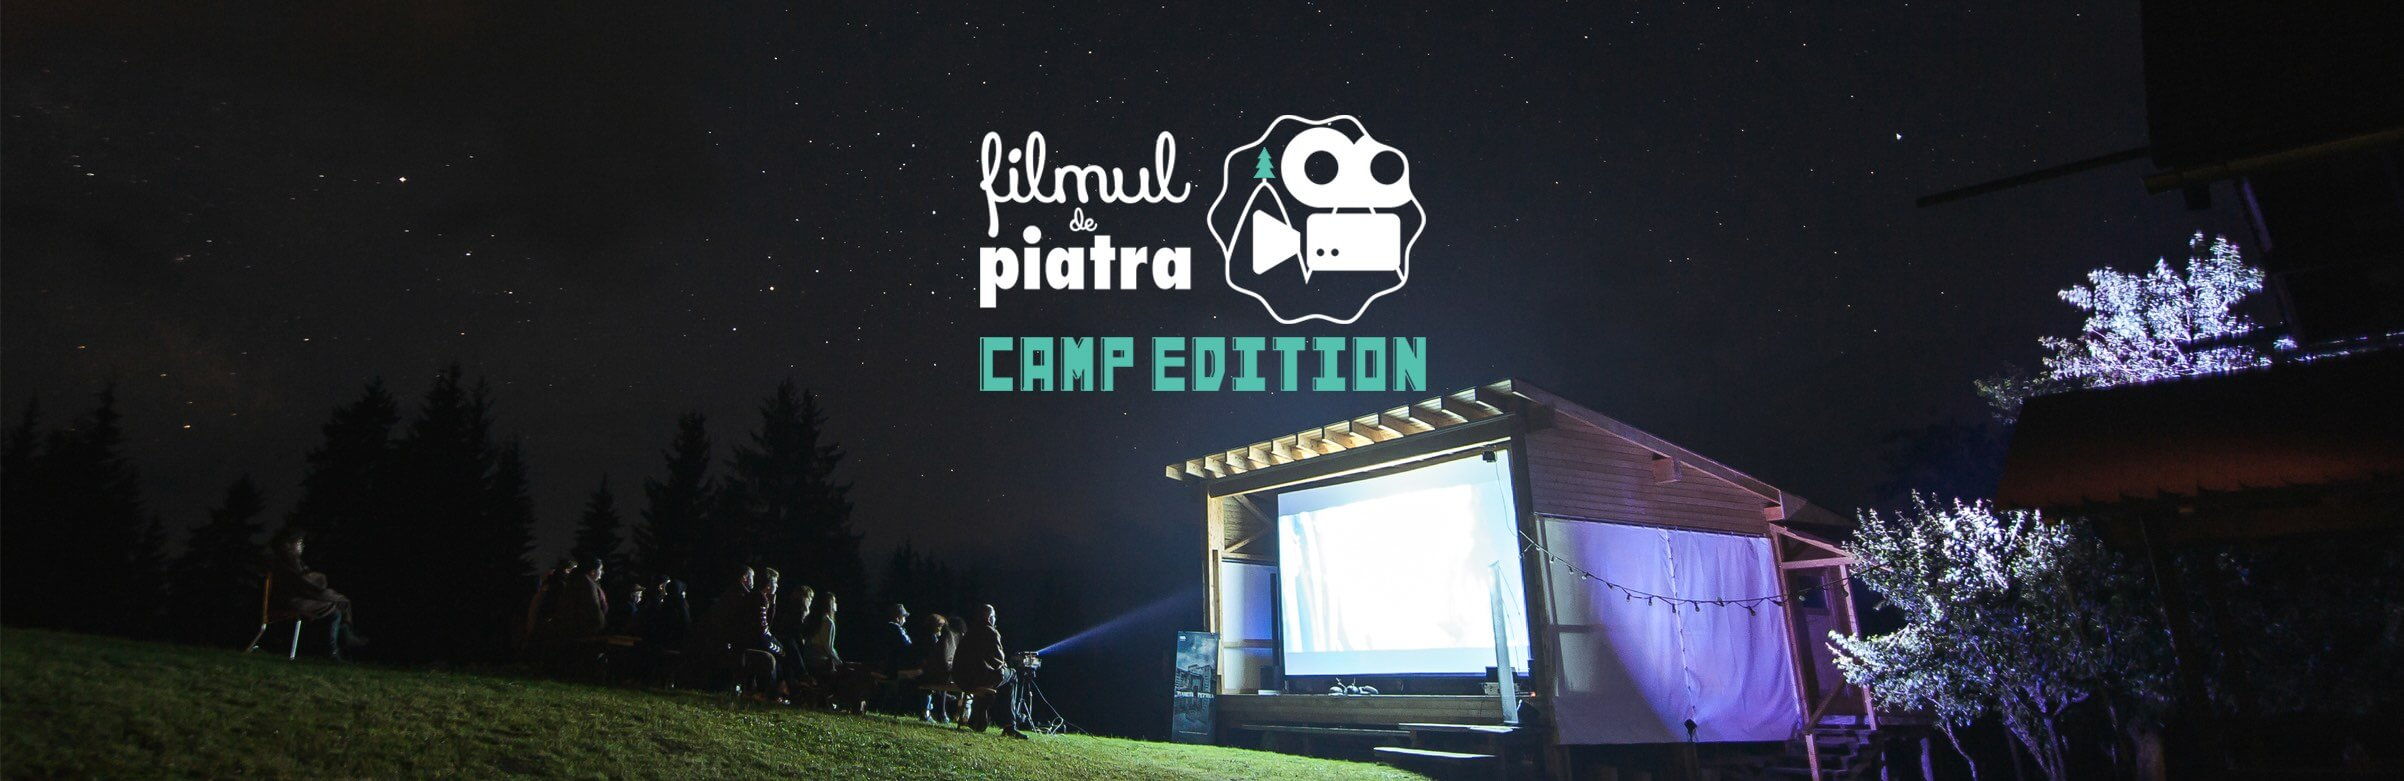 Filmul de Piatra